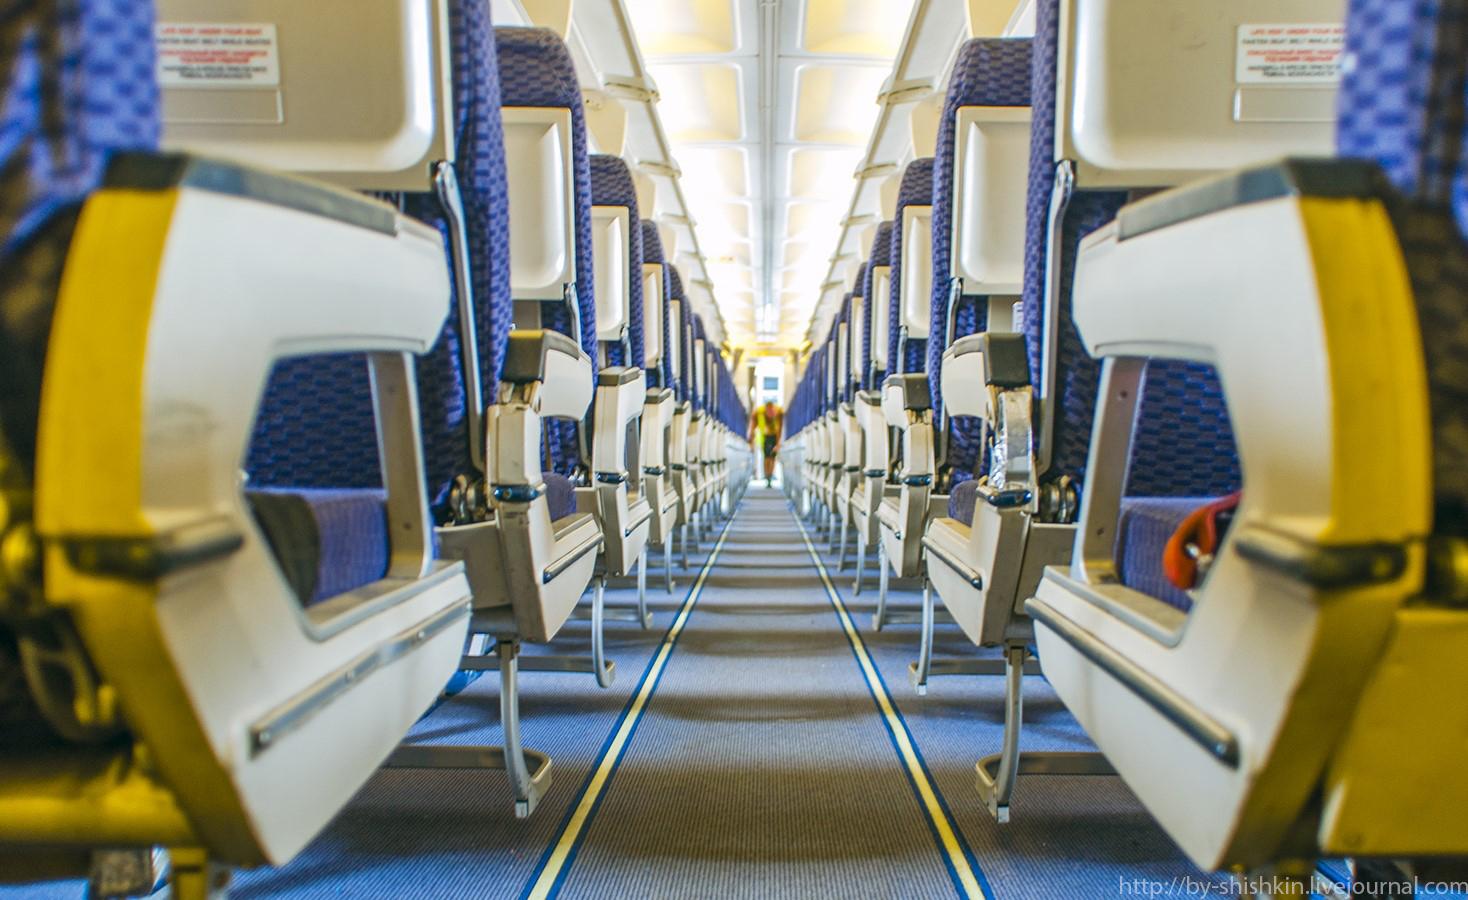 боинг 737-500 схема салона нордавиа